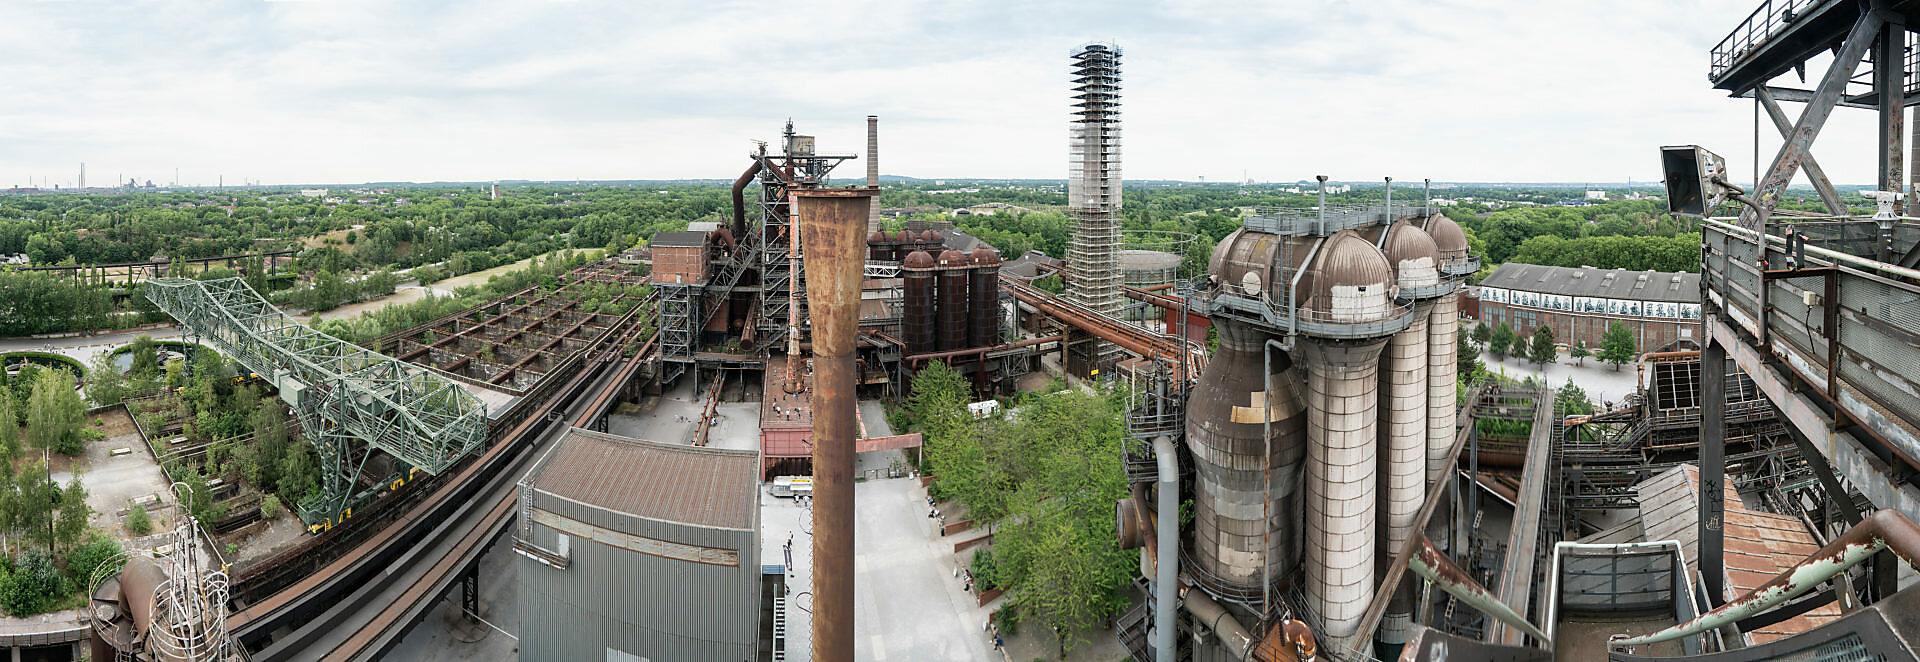 Duisburg, Landschaftspark Nord, ehemaliges Hüttenwerk, Panorama-Fernblick von Hochofen 5